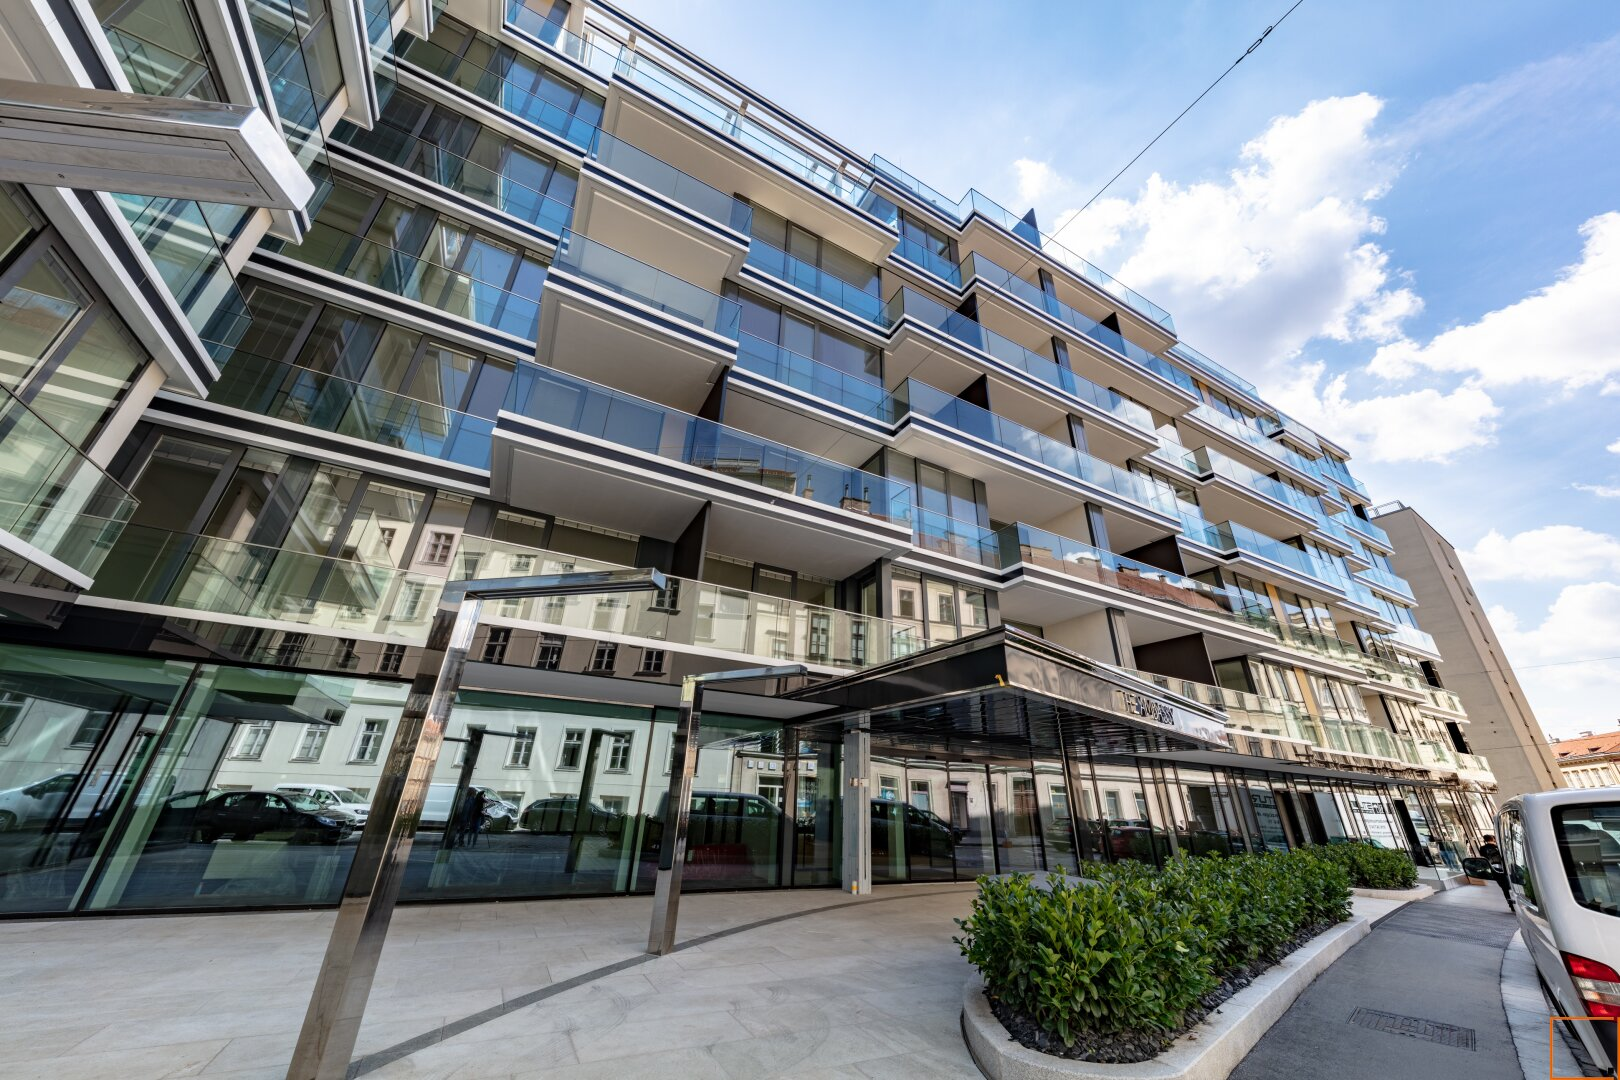 Preisgekrönte Architektur mit Glasfassade